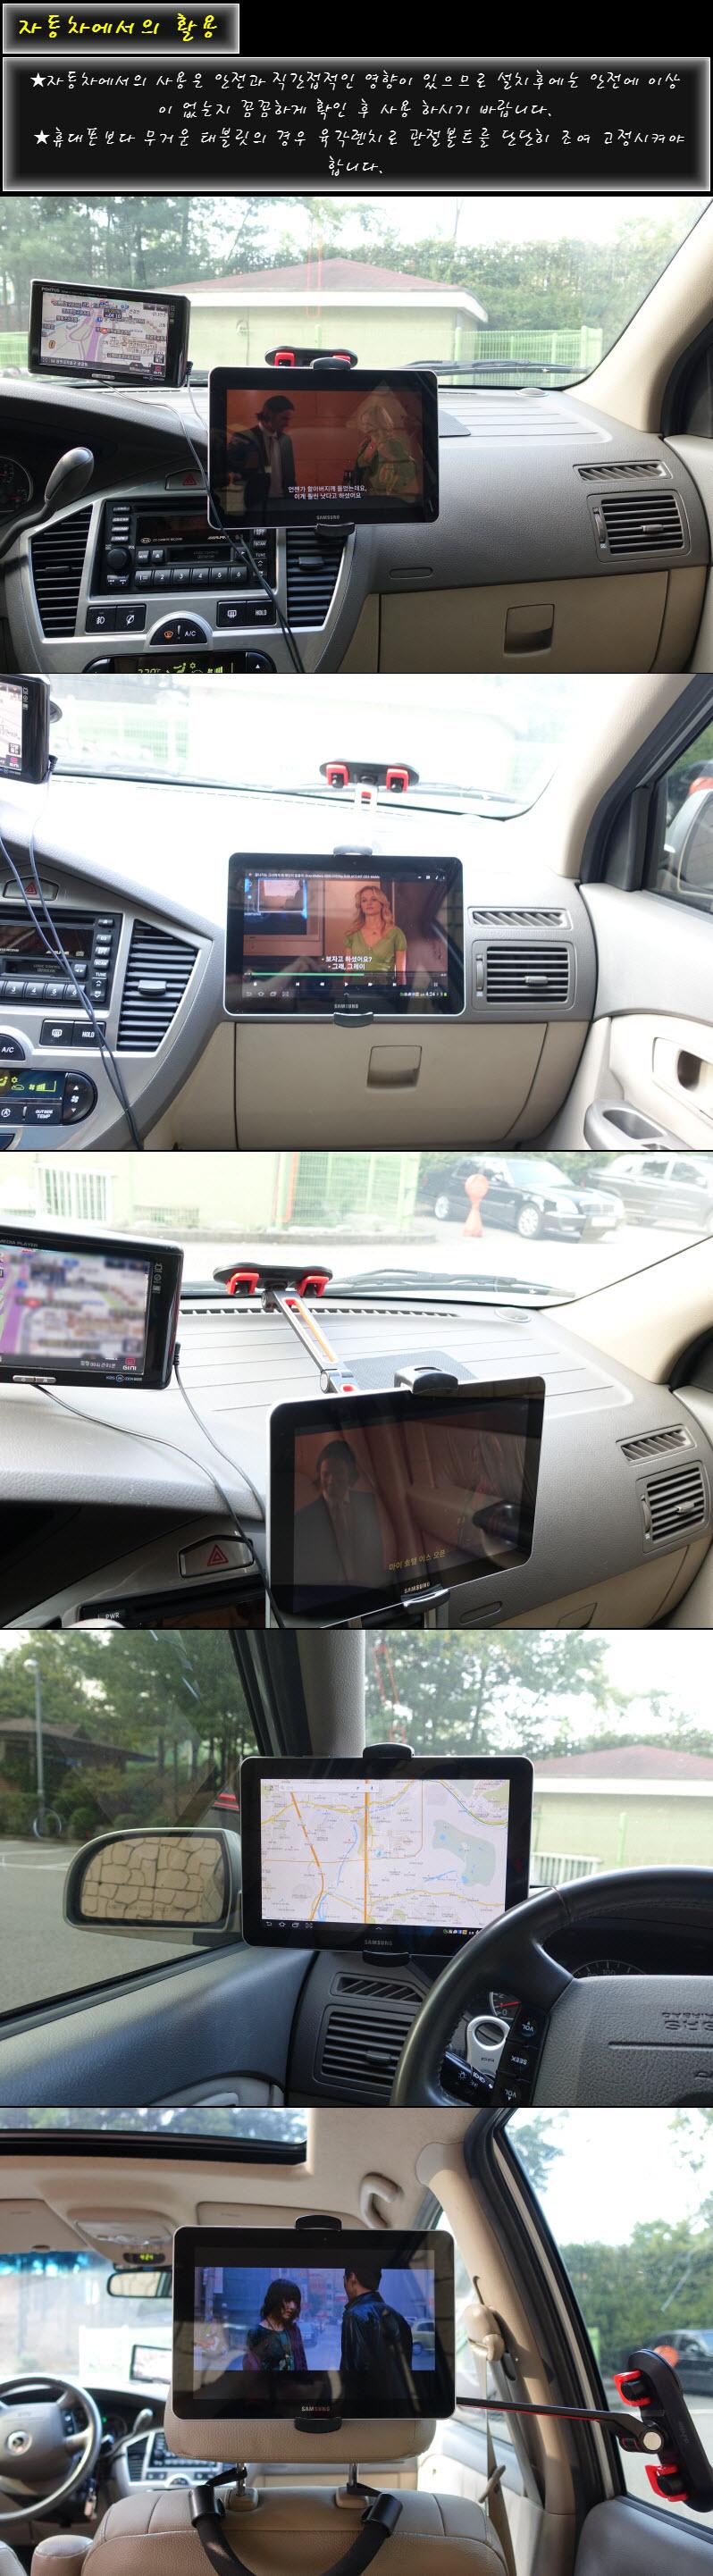 자동차에서의 활용.jpg